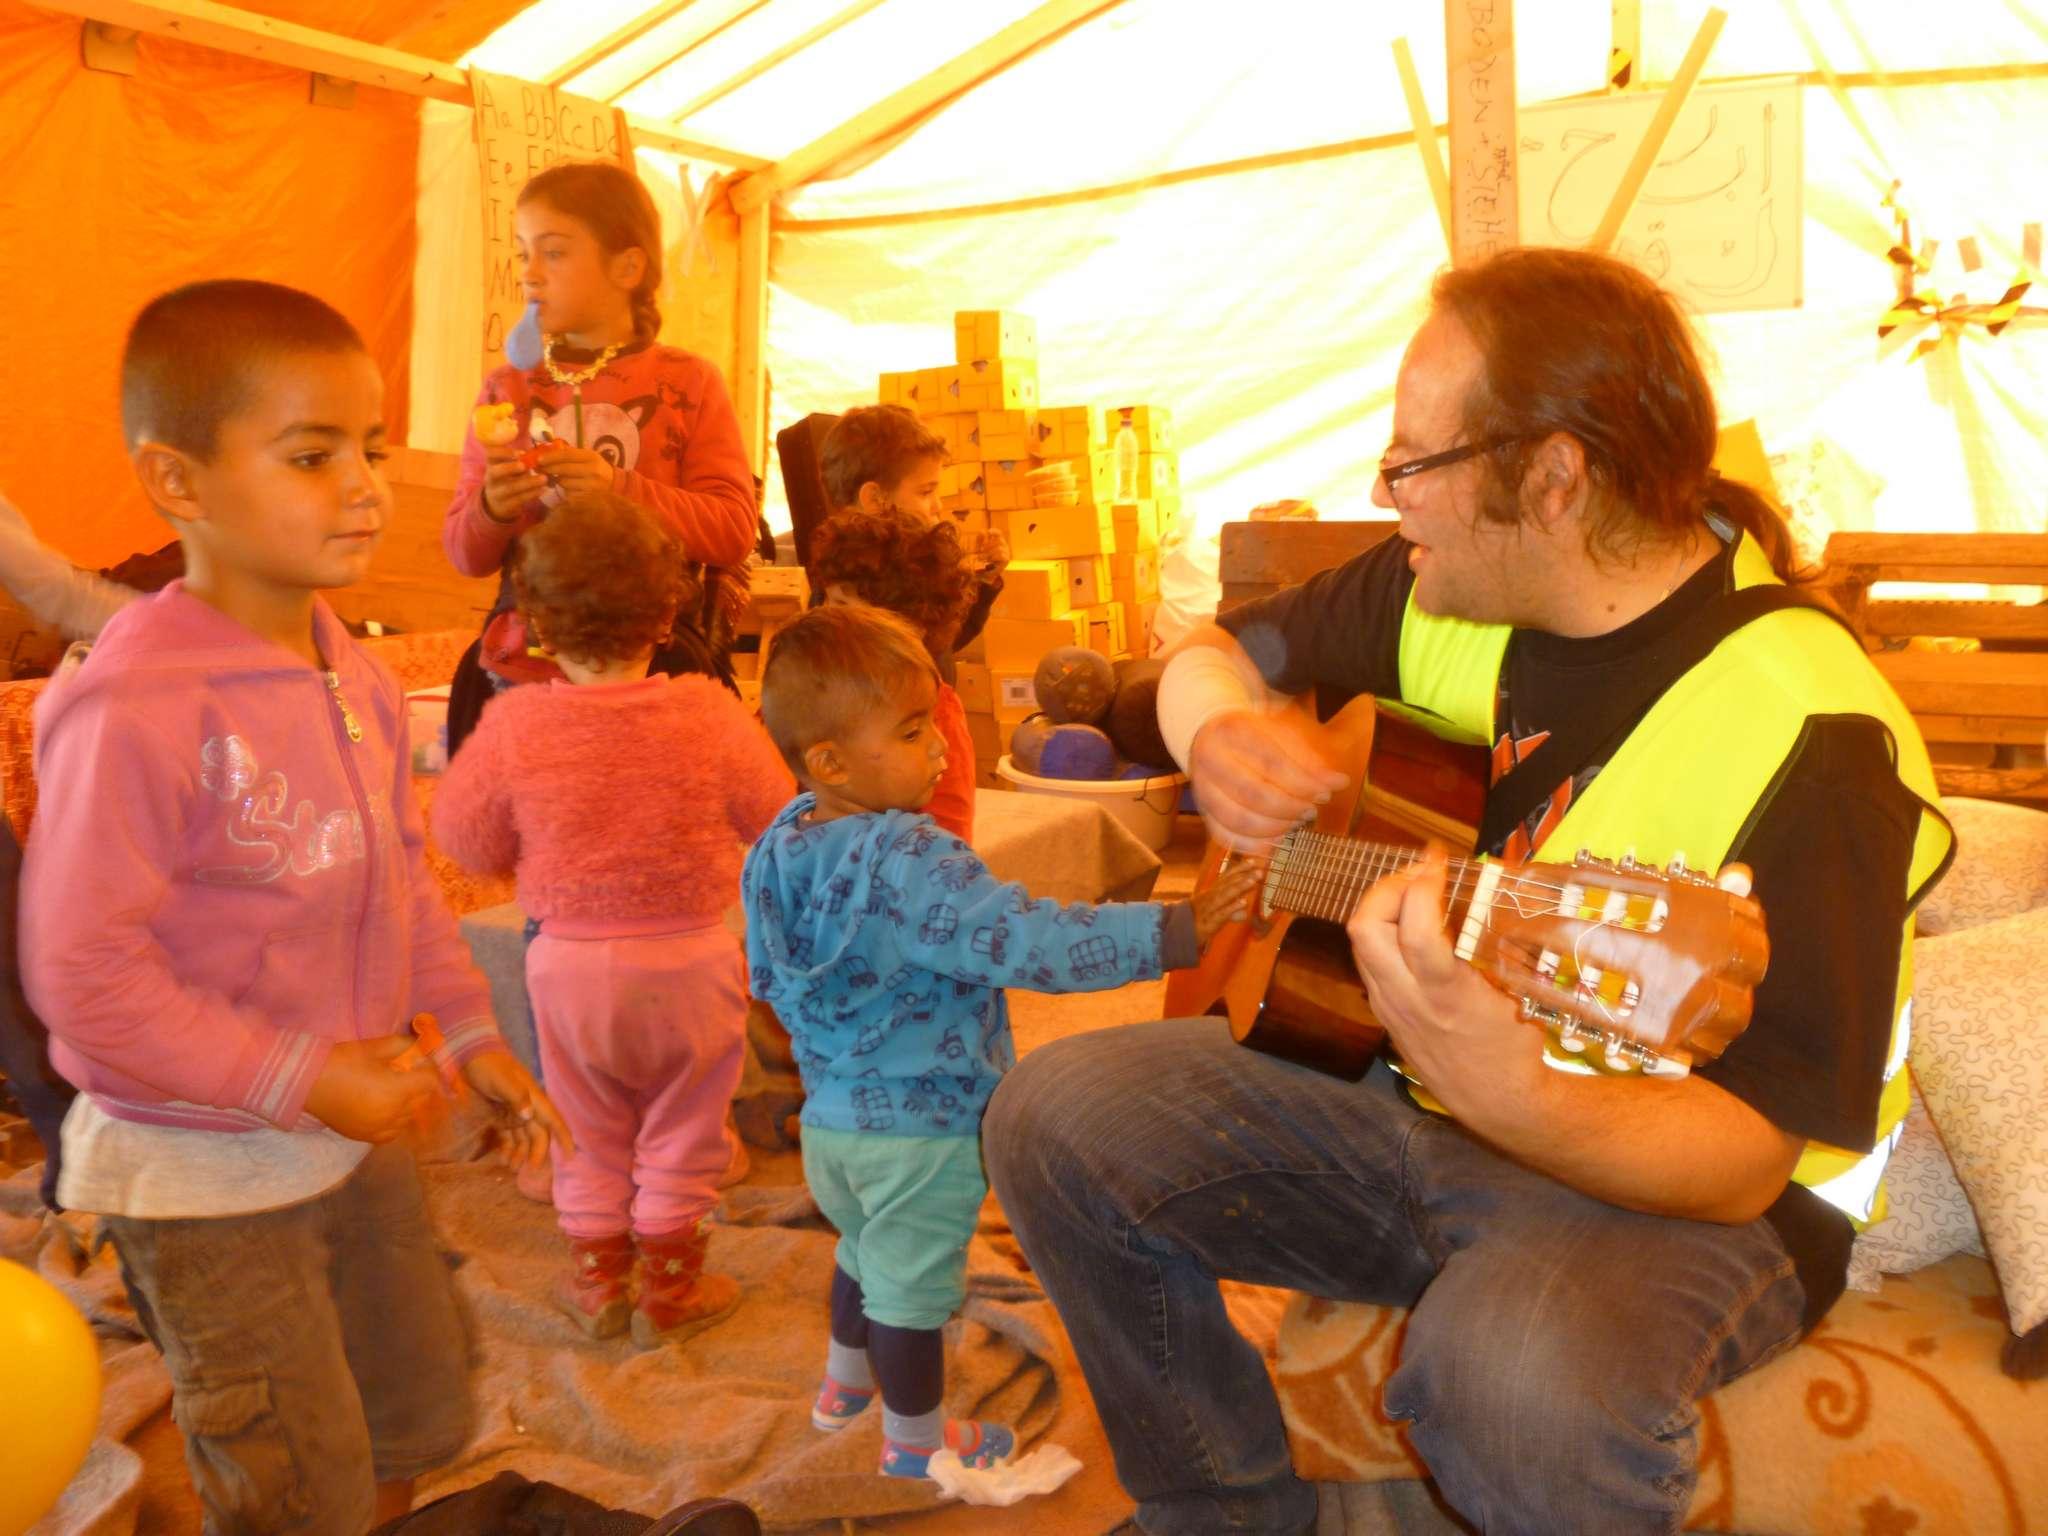 refugiados-proyectos-culturales-p1040701